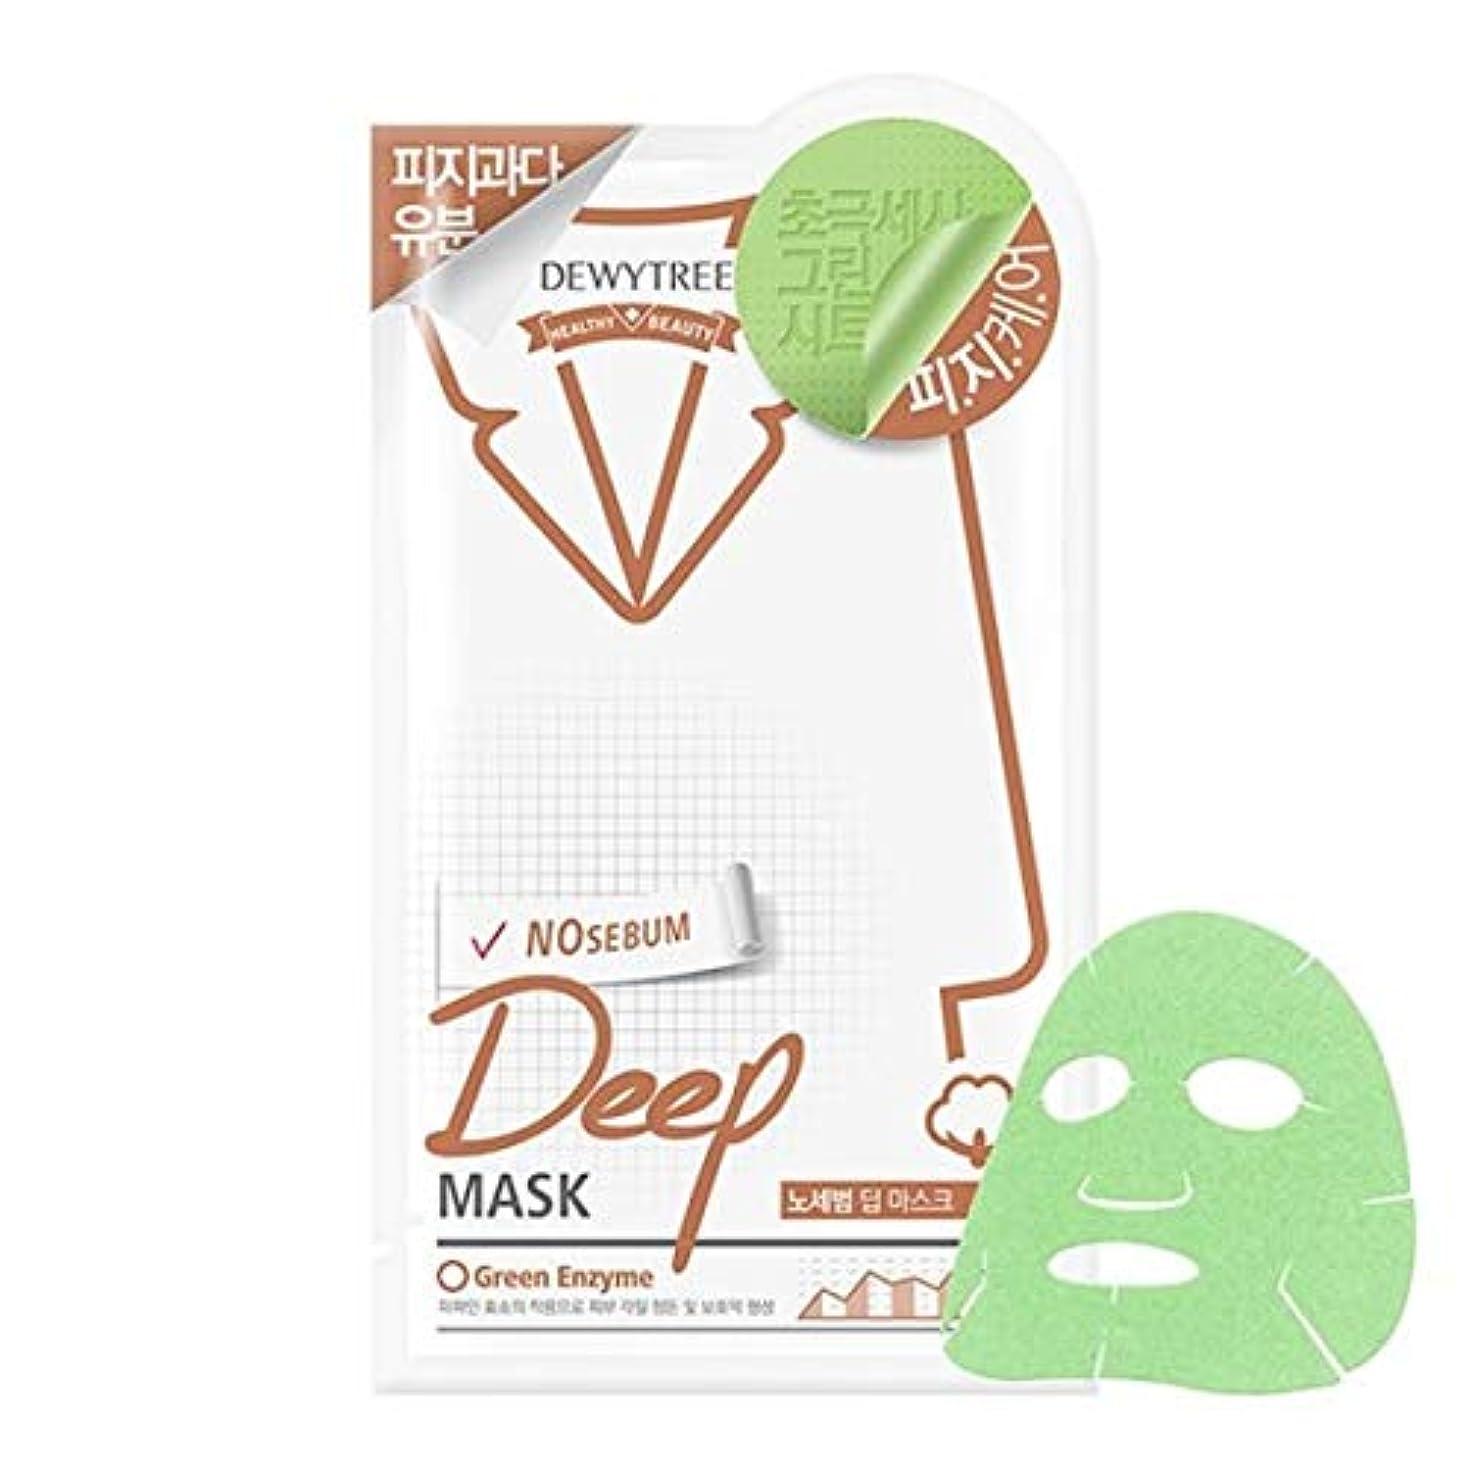 音楽を聴くアンペア悲観主義者(デューイトゥリー) DEWYTREE ノセボムディープマスク 20枚 Nosebum Deep Mask 韓国マスクパック (並行輸入品)